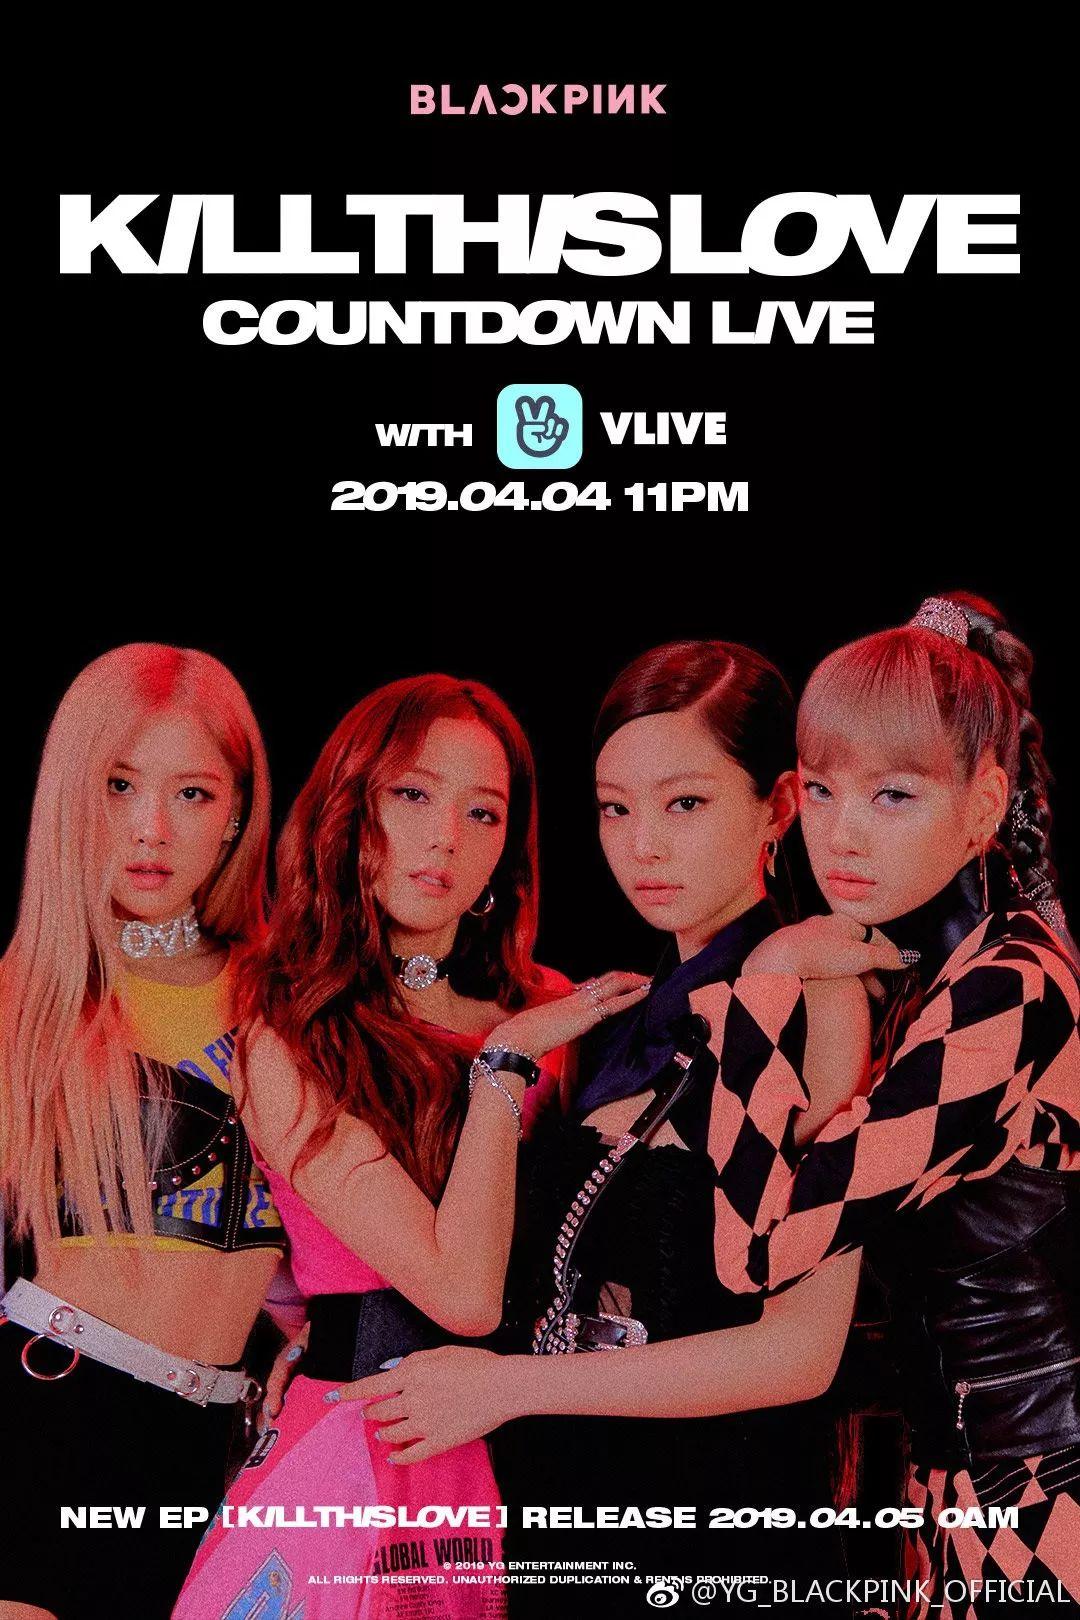 携版_今晚,blackpink将携新专辑live回归